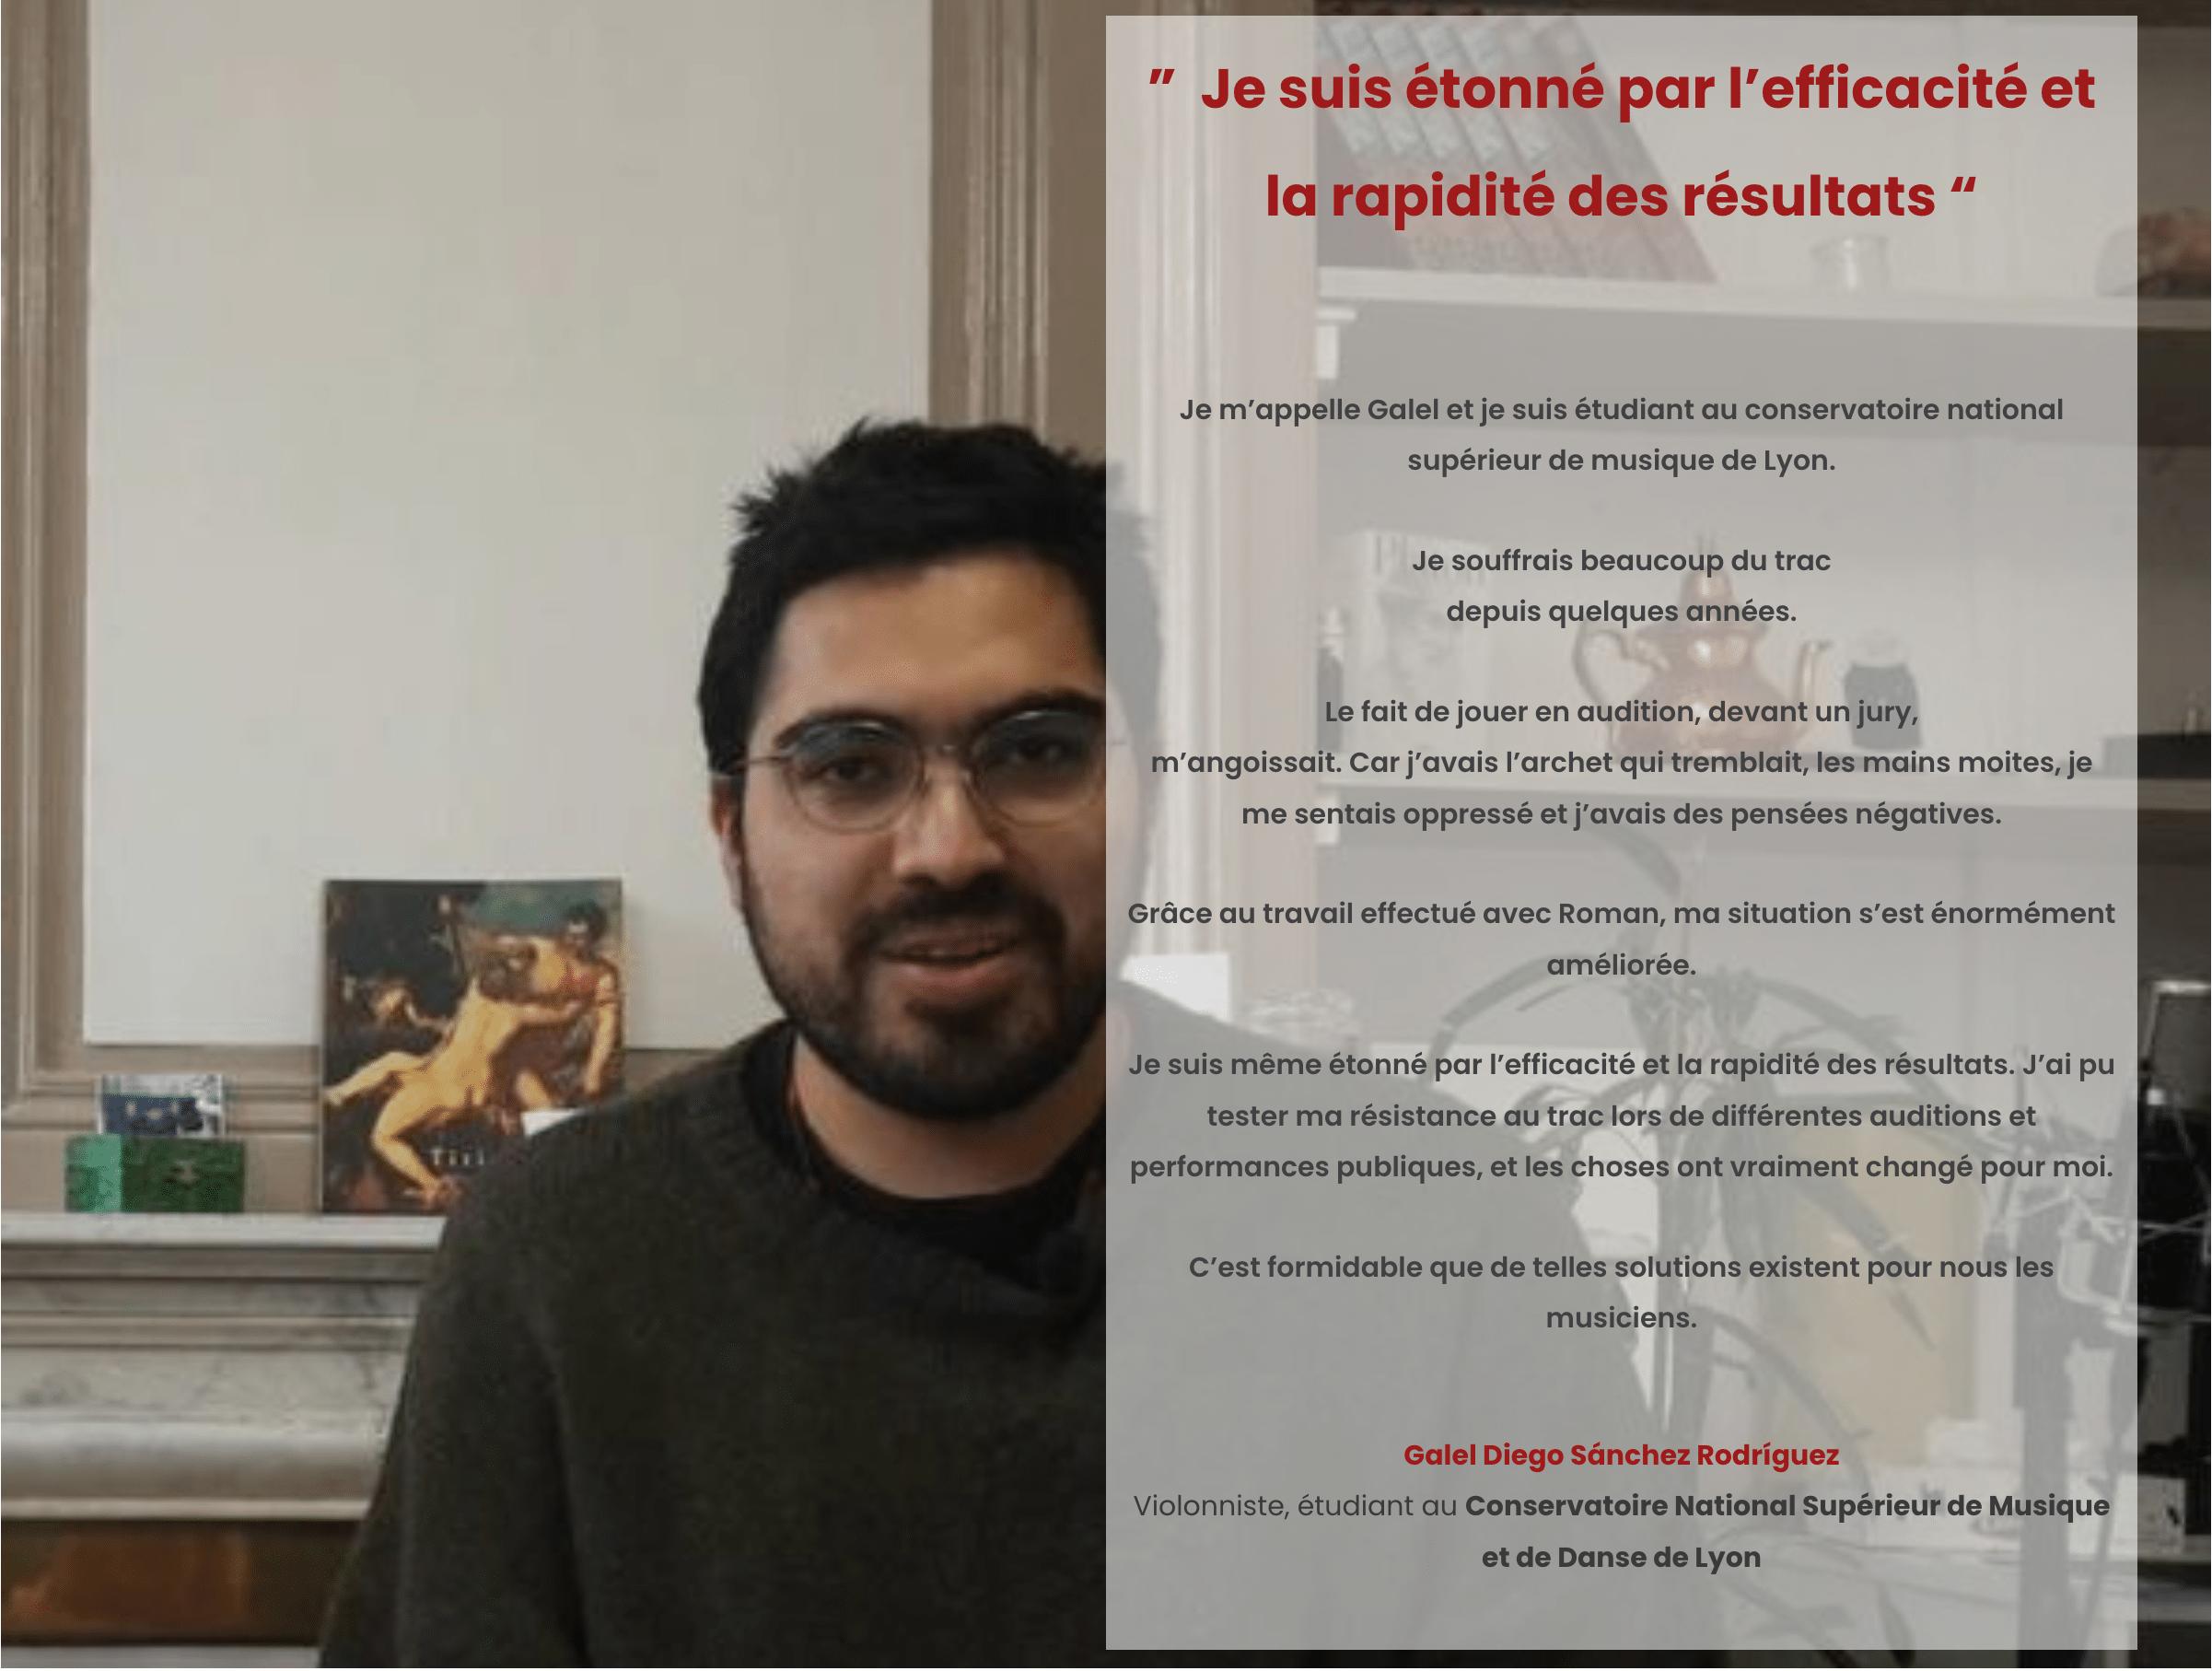 Ouimusique Témoignage Galel violoniste conservatoire nationale supérieur de Lyon